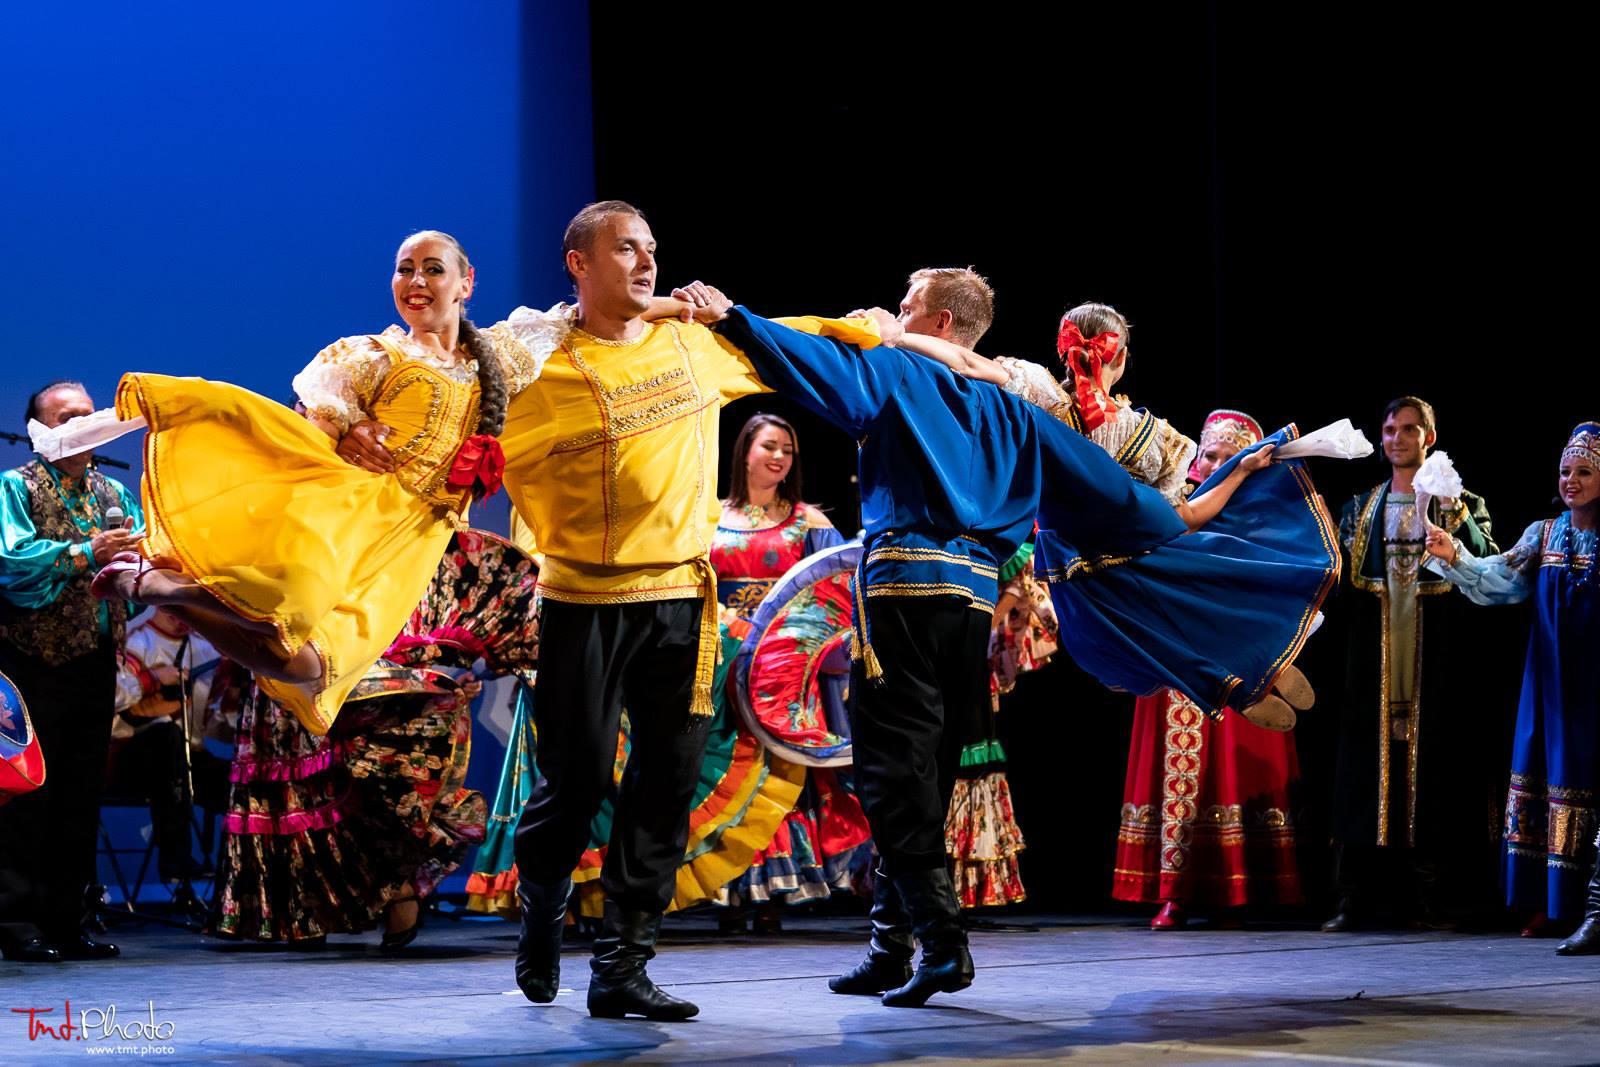 Festival du Houblon   Rythmes et couleurs du monde